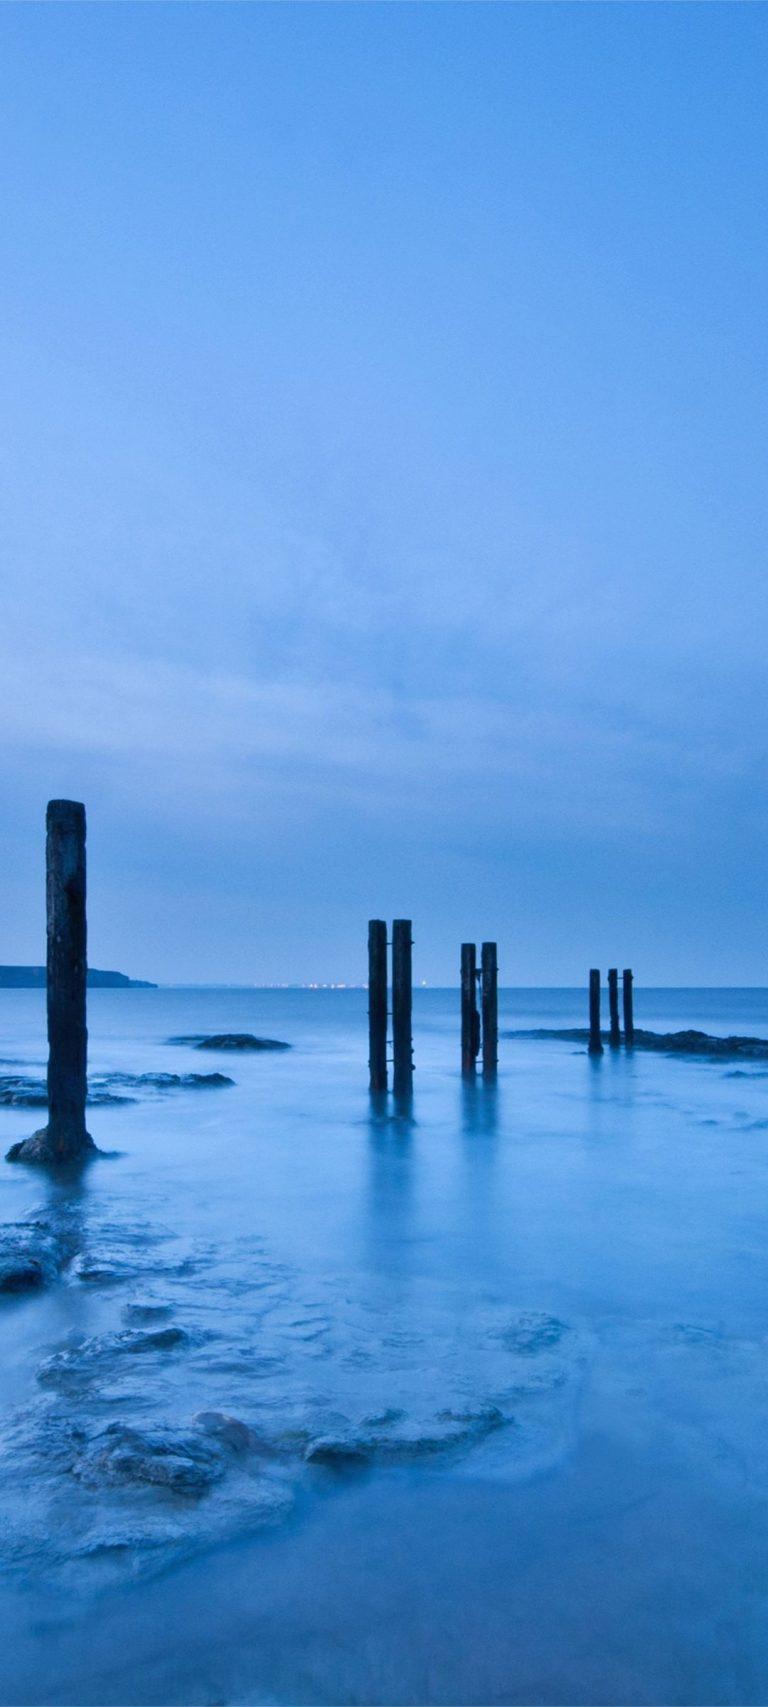 Sea Water Stakes Twilight 1080x2400 768x1707